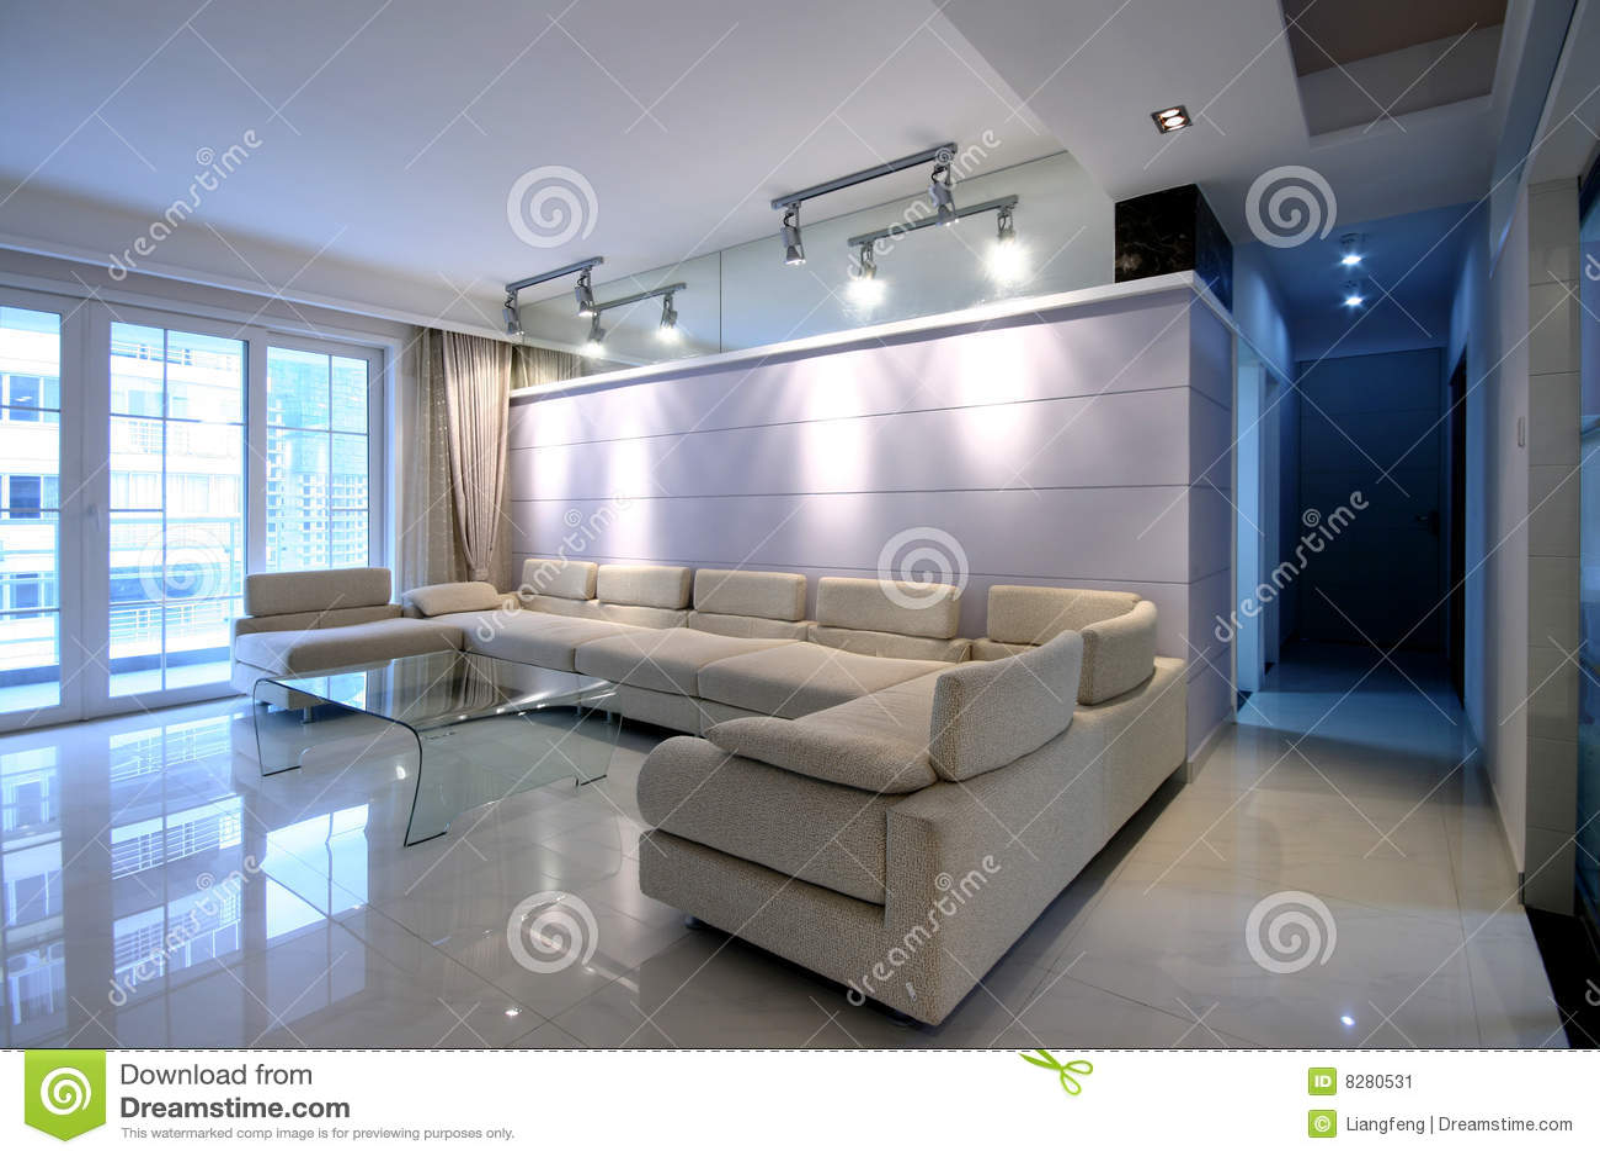 Beknopte en huisdecoratie stock afbeelding afbeelding 8280531 - Afbeelding van huisdecoratie ...